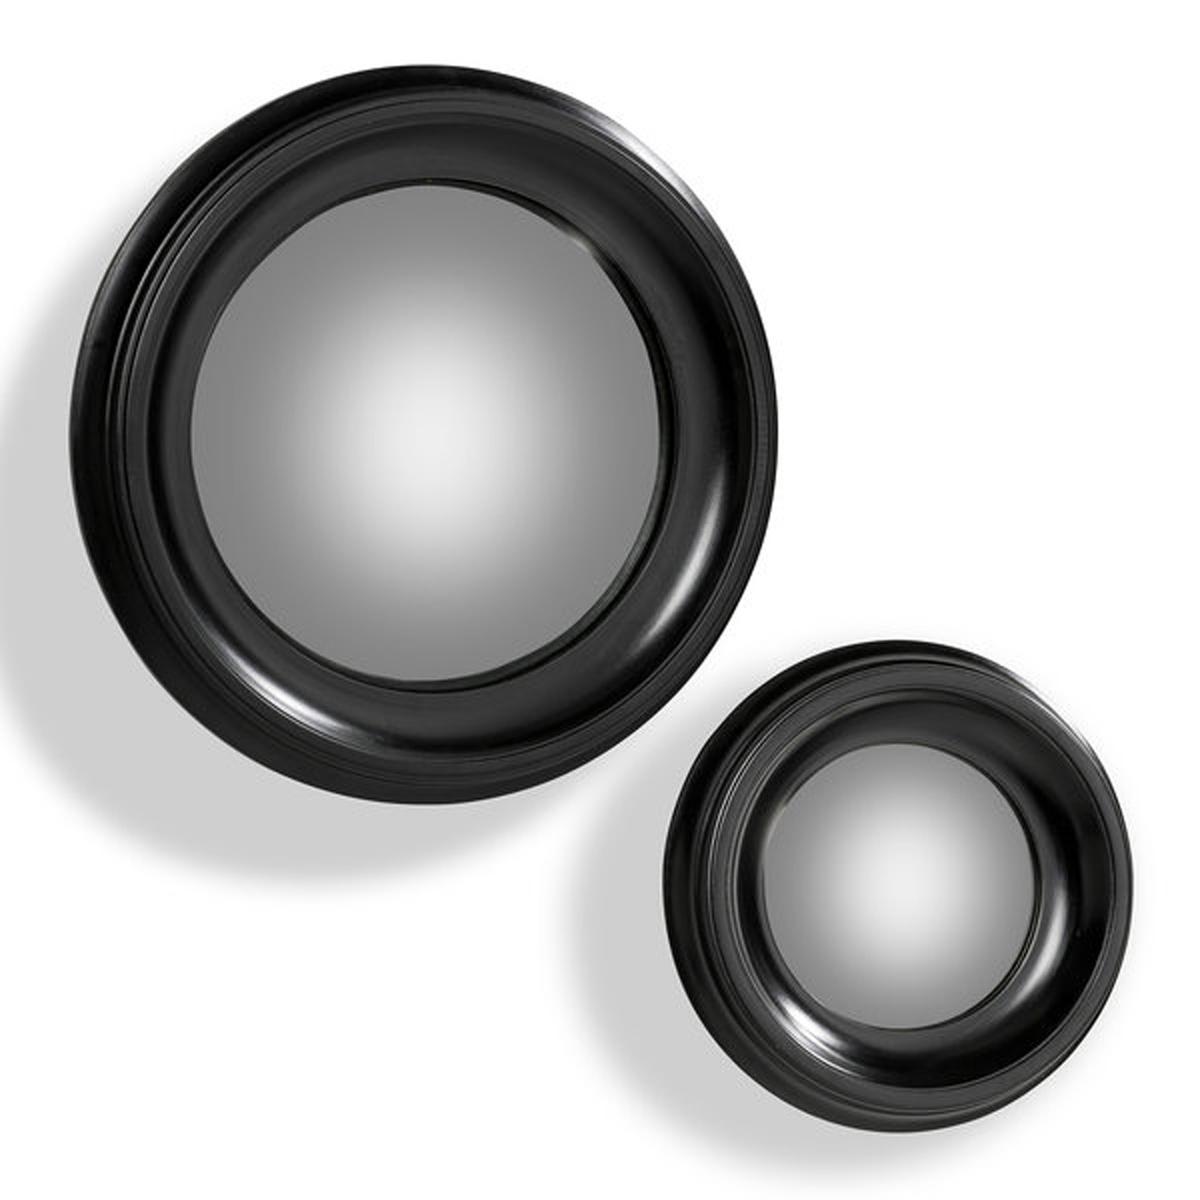 Зеркало Habel с черной рамой, диаметр 60 смРама из МДФ, лакированная отделка черного цвета.Крепление на стену с помощью врезанного металлического люверса.Диаметр 60 см.<br><br>Цвет: черный<br>Размер: единый размер